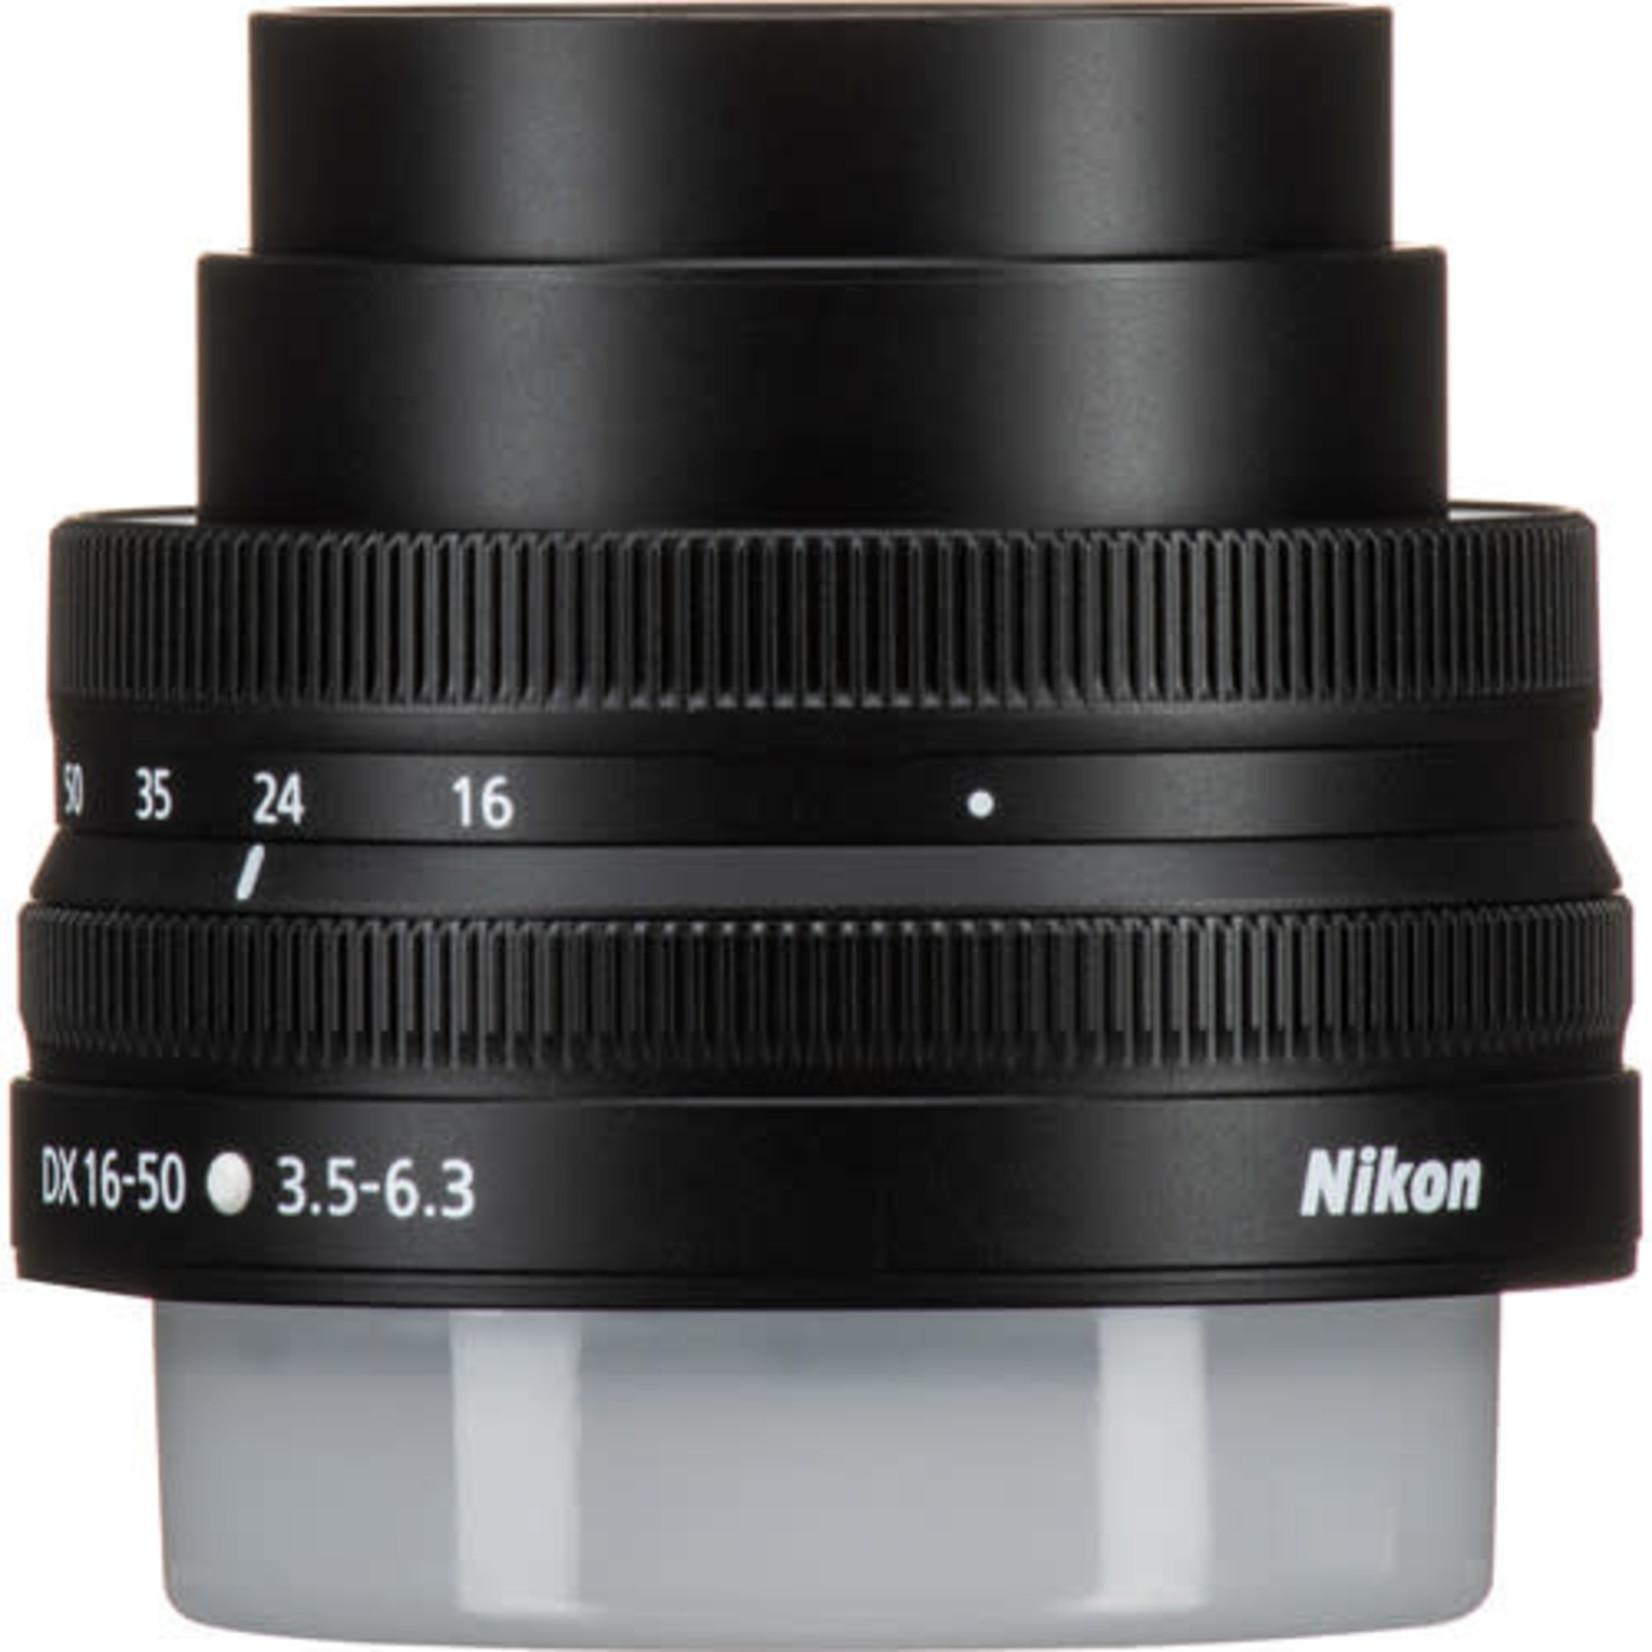 Nikon Nikon NIKKOR Z DX 16-50mm f/3.5-6.3 VR Lens